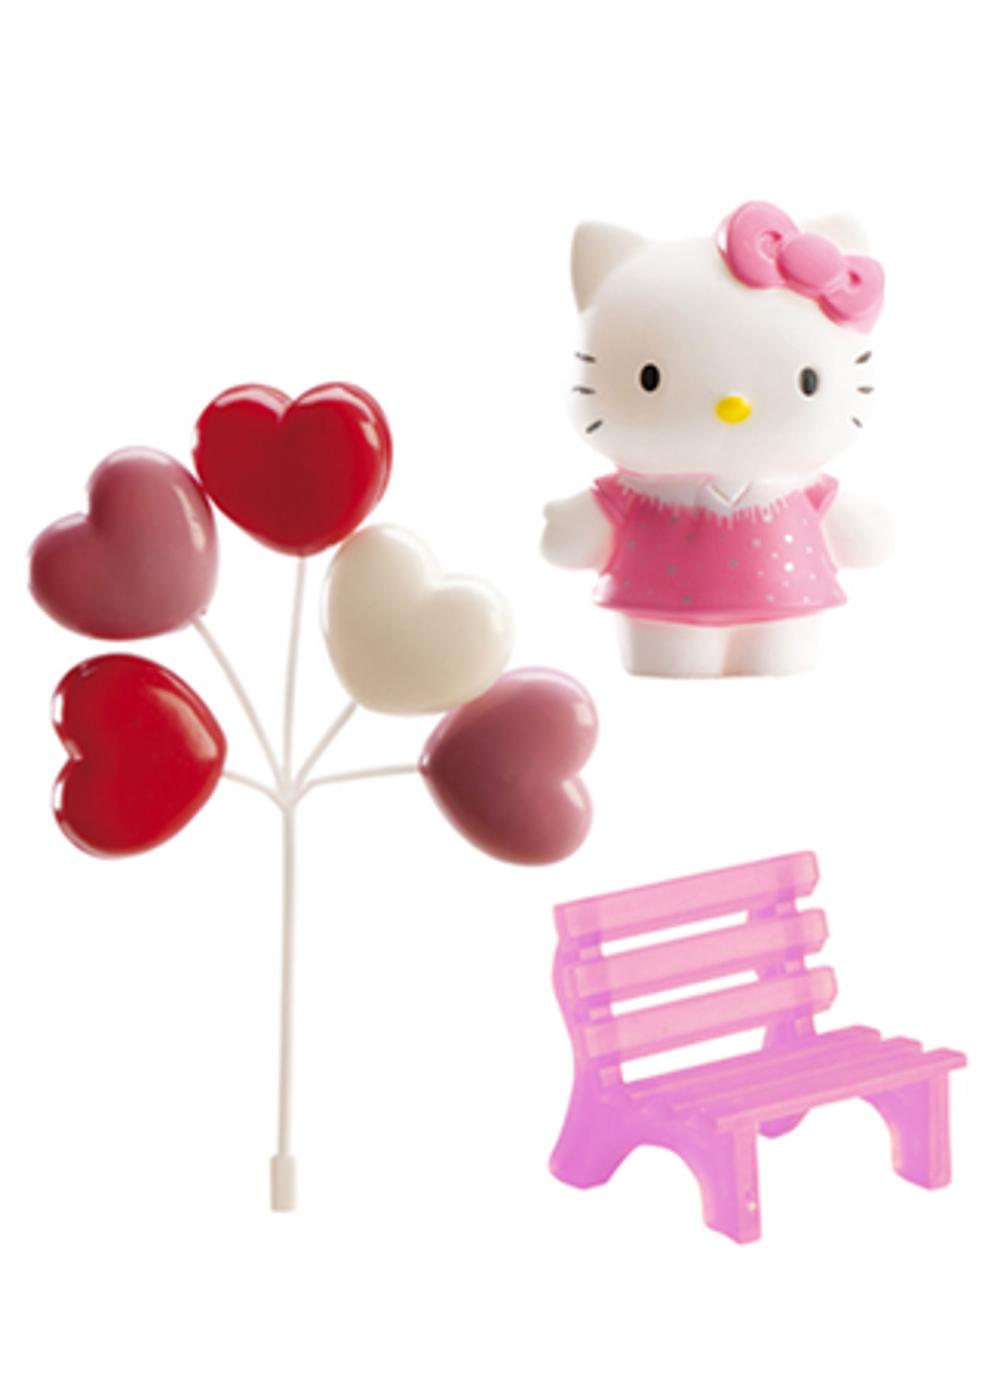 kit de d coration pour g teau hello kitty 6 5 cm d coration anniversaire et f tes th me sur. Black Bedroom Furniture Sets. Home Design Ideas